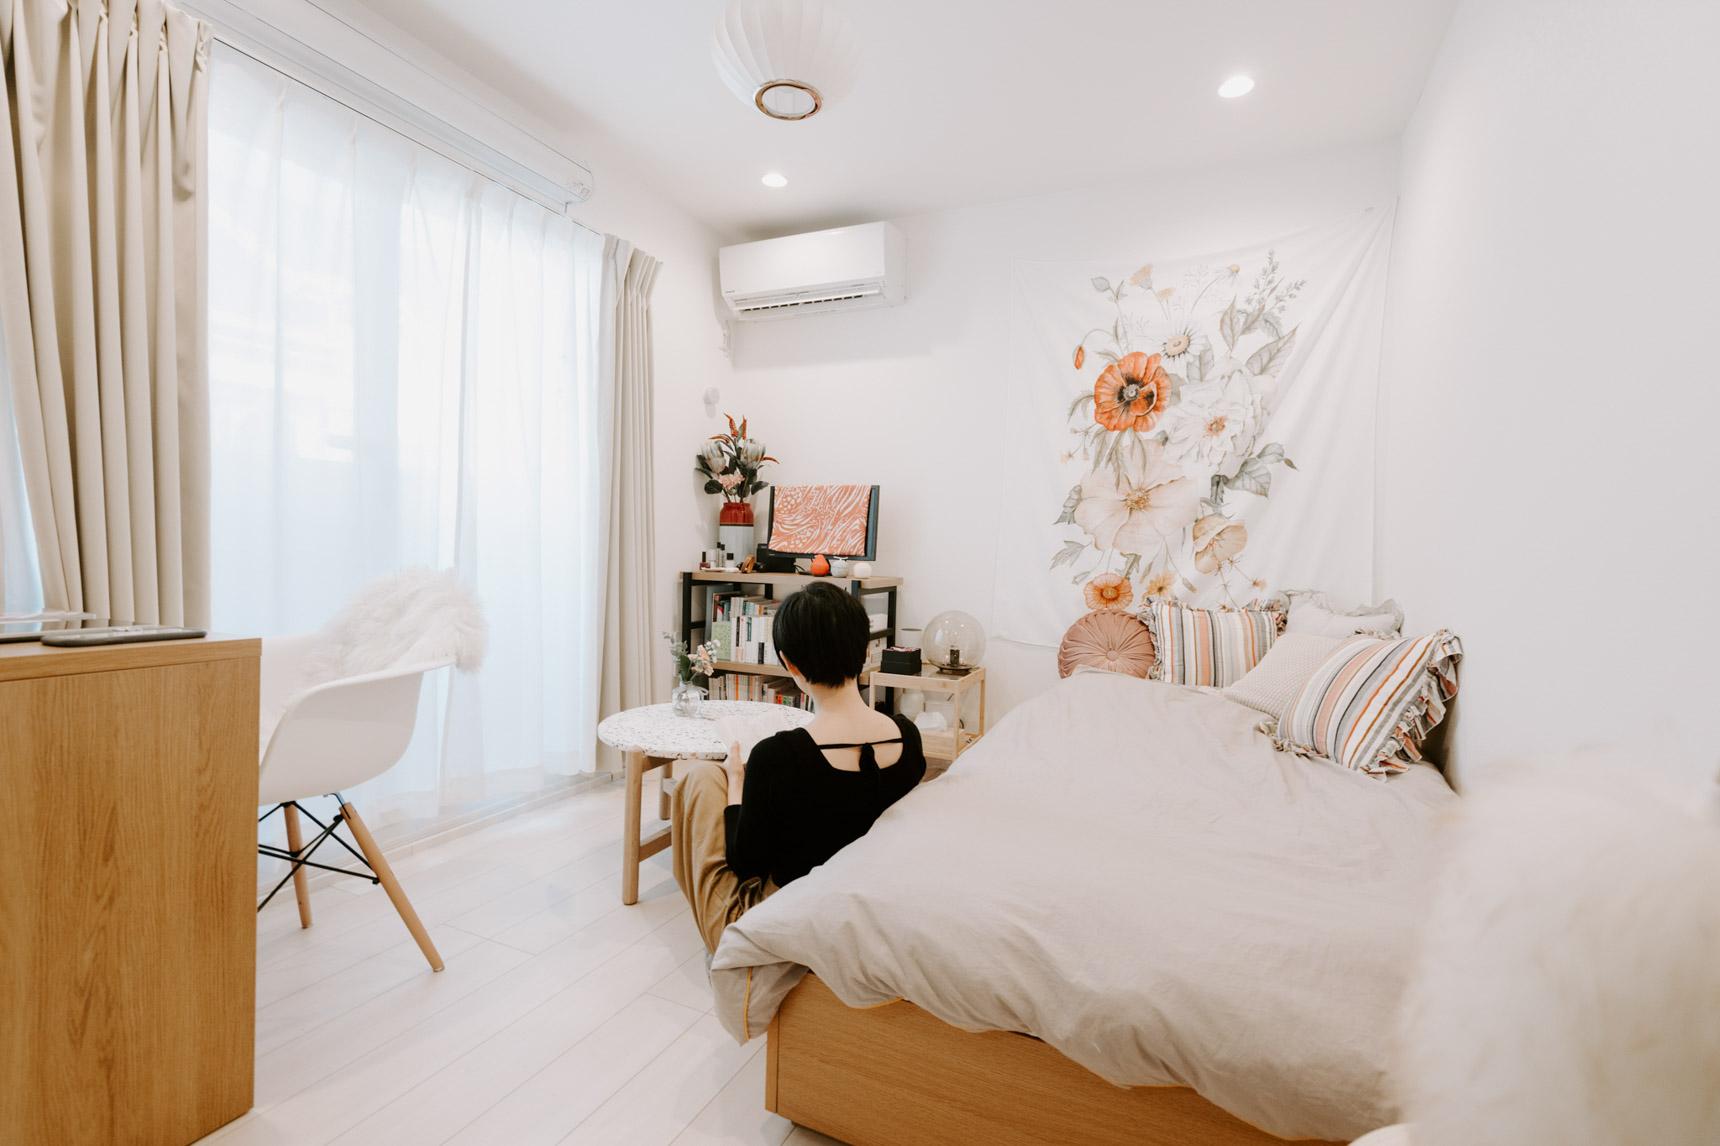 居室は6畳ほど。大きな窓のある明るいお部屋です。